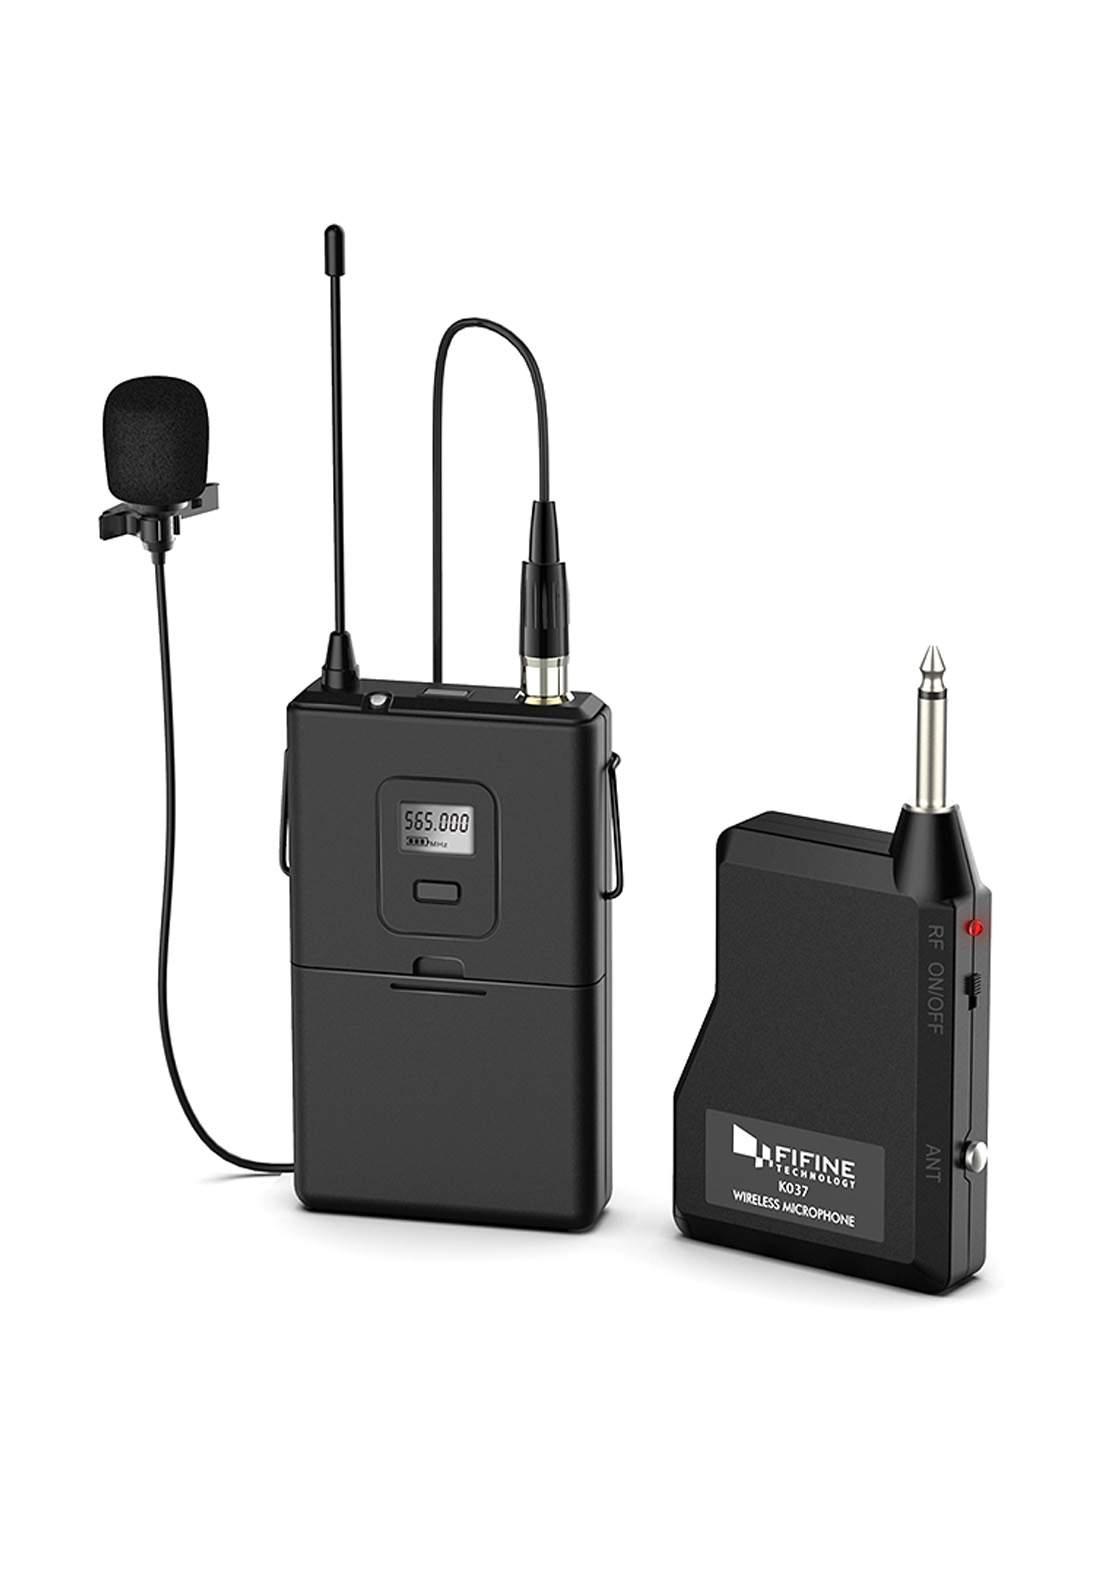 Fifine K037 UHF Wireless  Microphone - Black مايكروفون